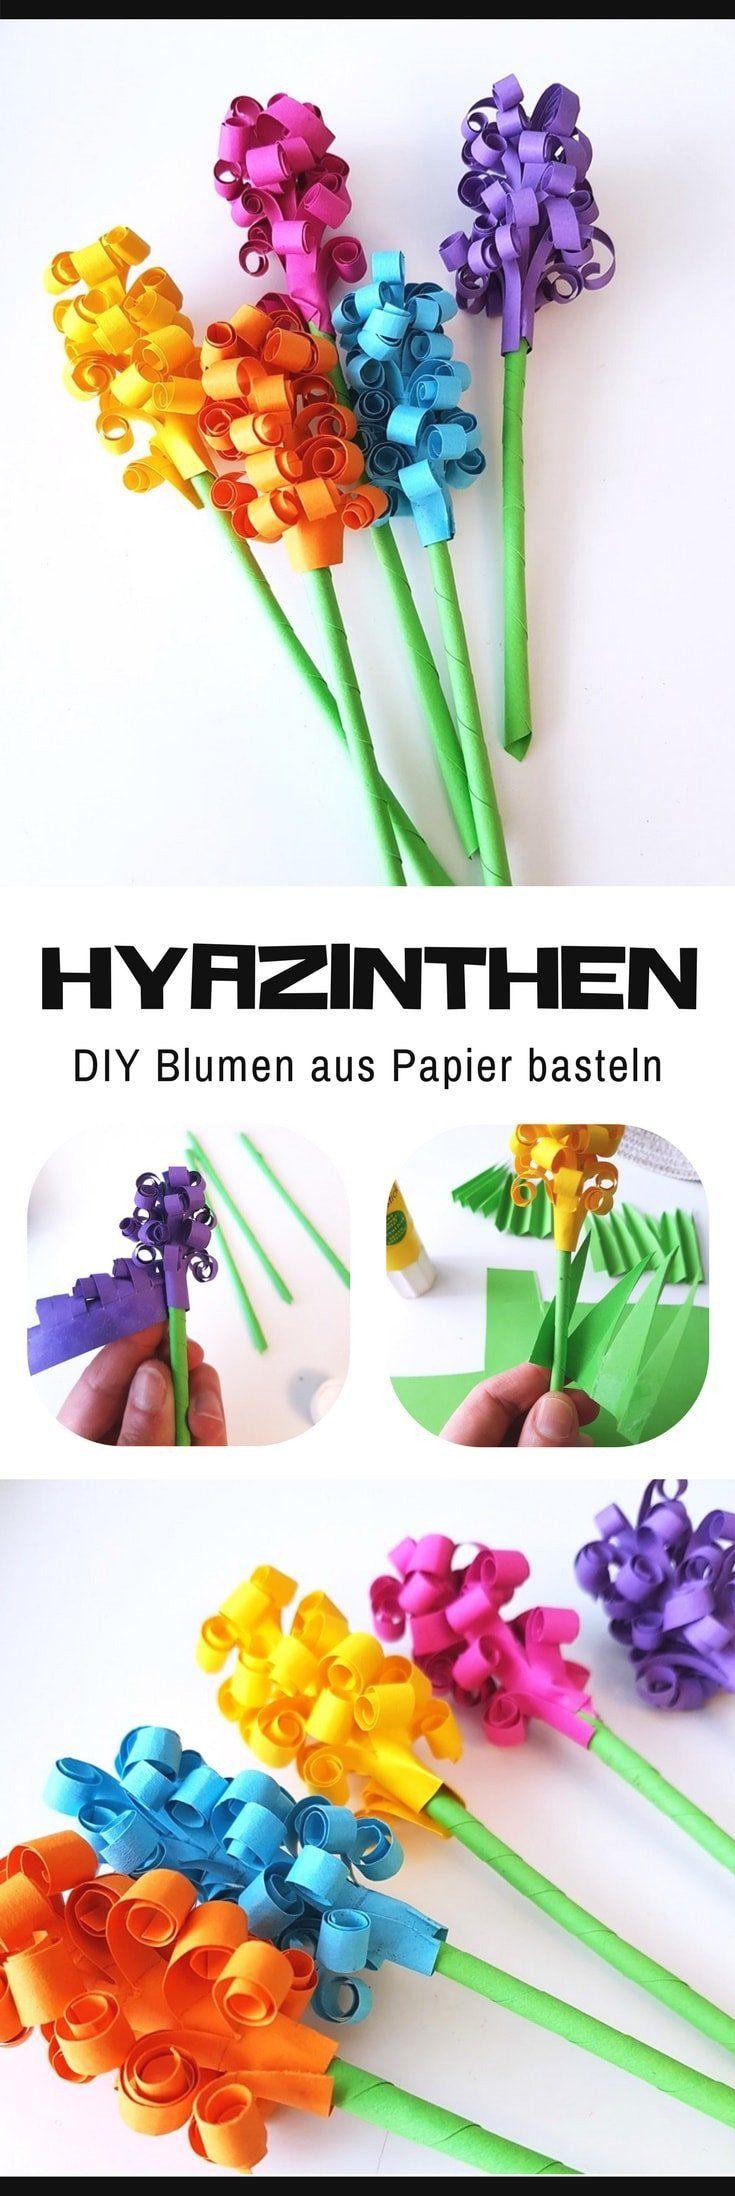 Hyazinthen aus Papier basteln: DIY Blumen für den Frühling #frühlingblumen